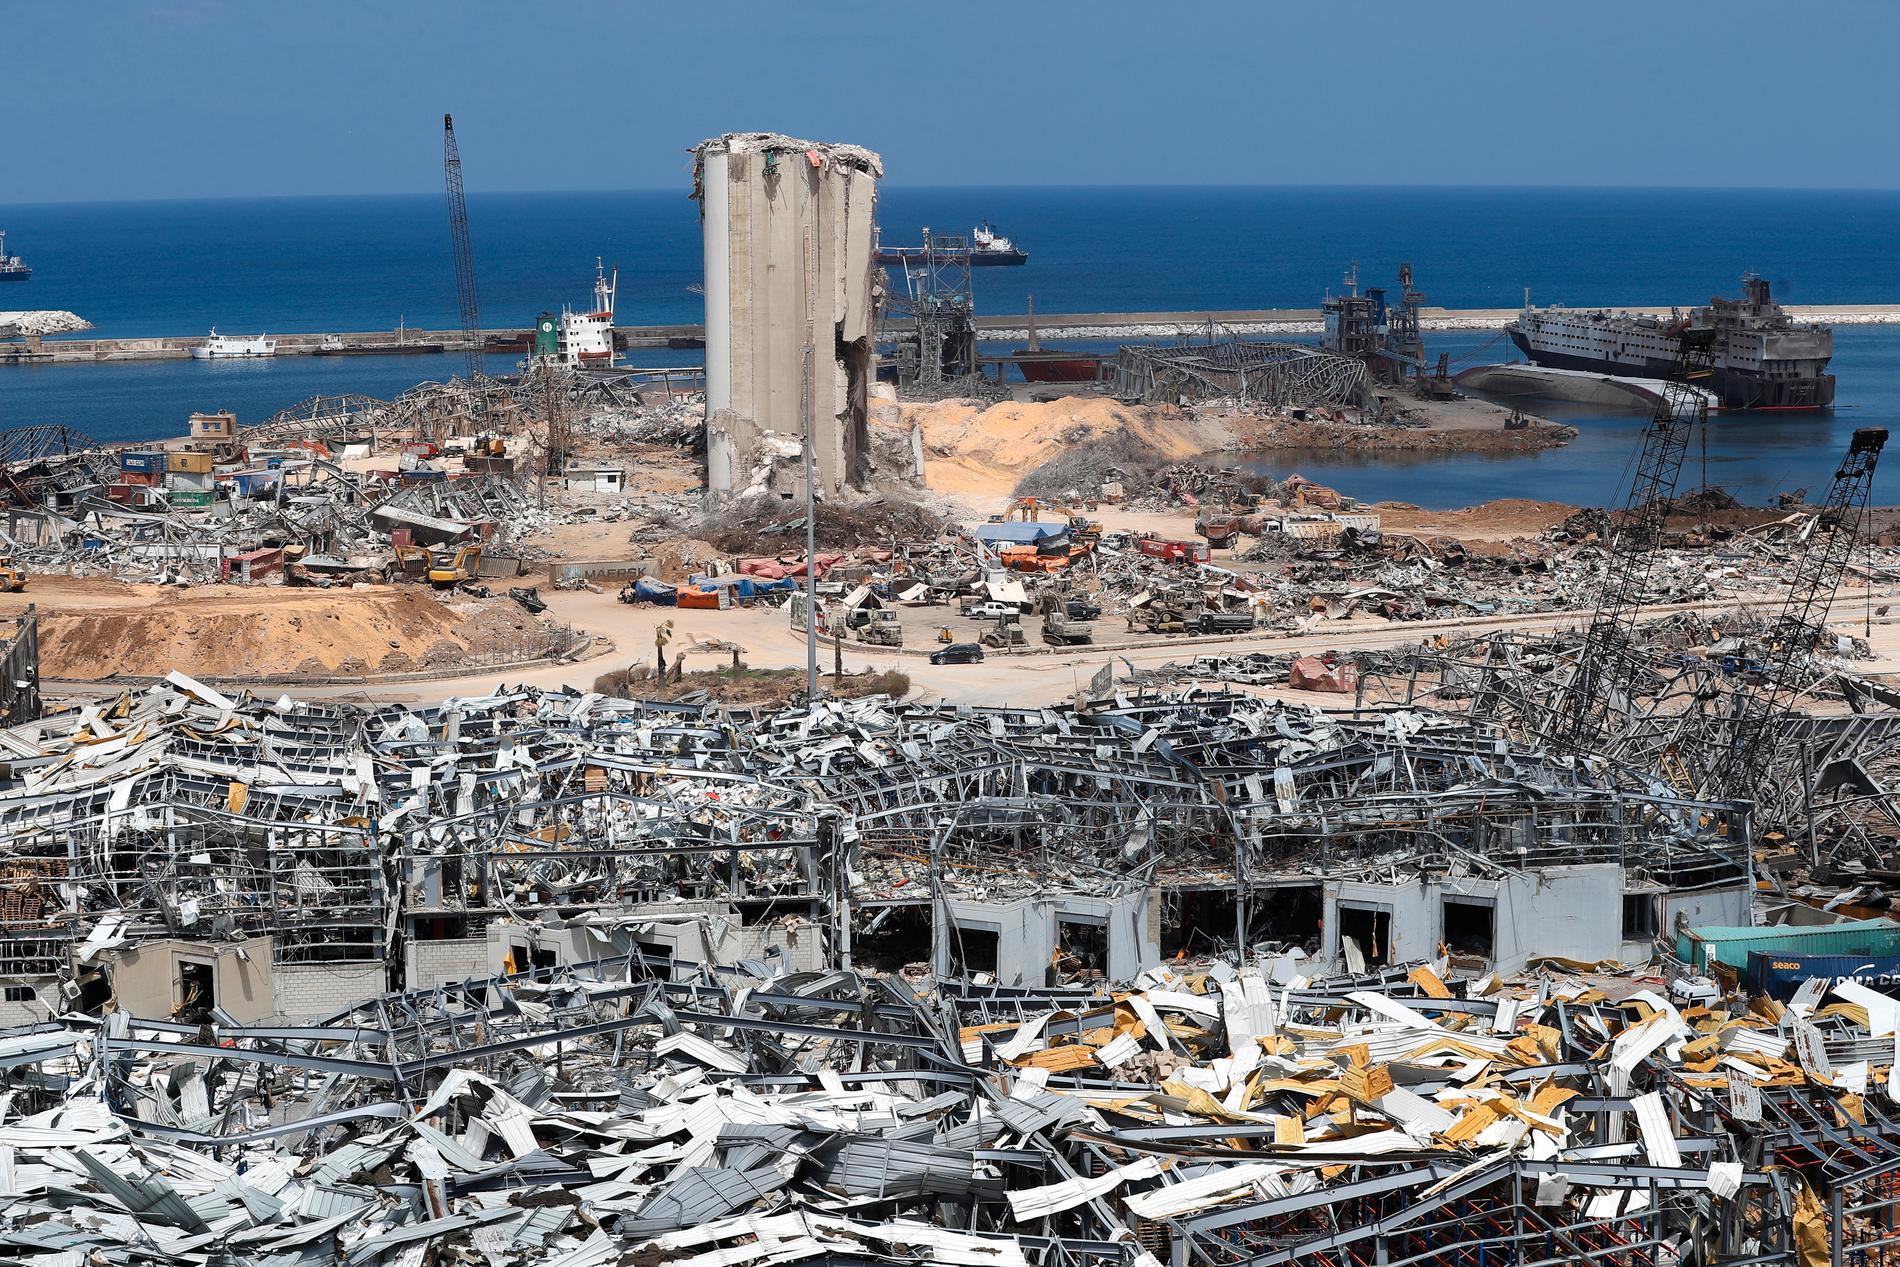 Stora delar av Medelhavspärlan Libanon förstördes i den våldsamma explosionen den 4 augusti förra året. Arkivbild.